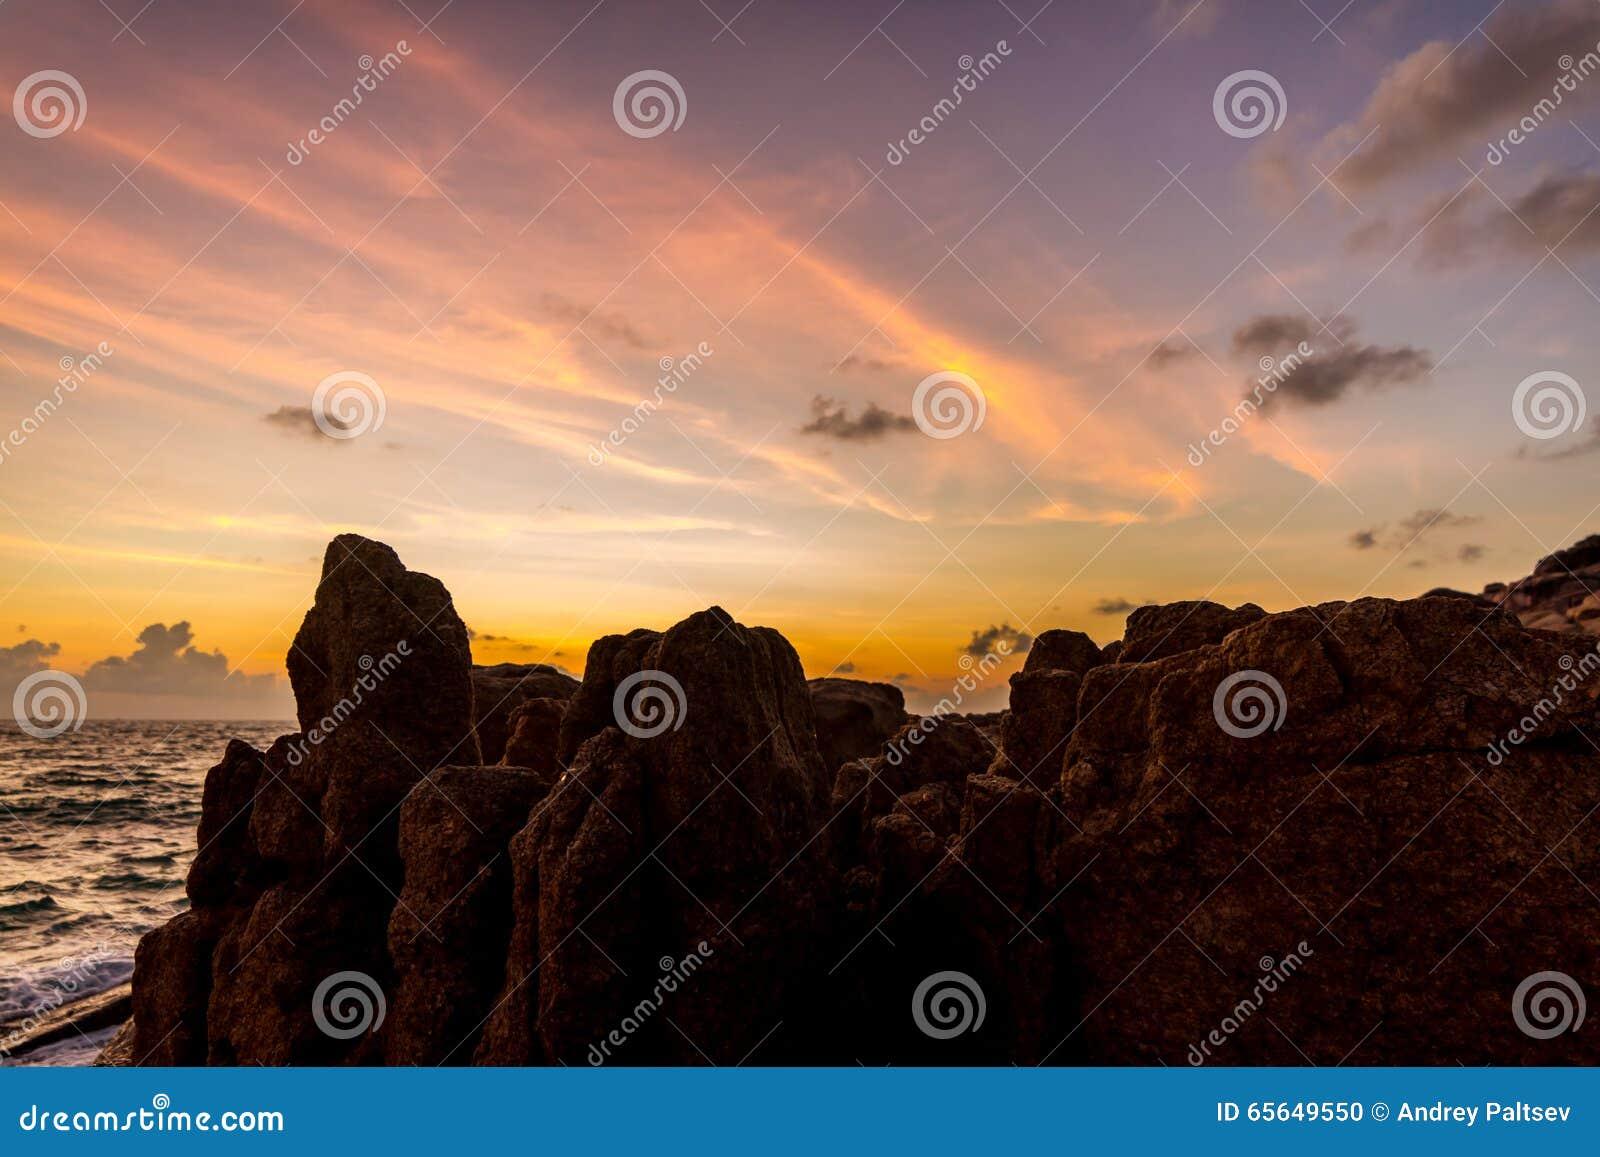 Naissez au-dessus de la mer et des roches sur une île tropicale